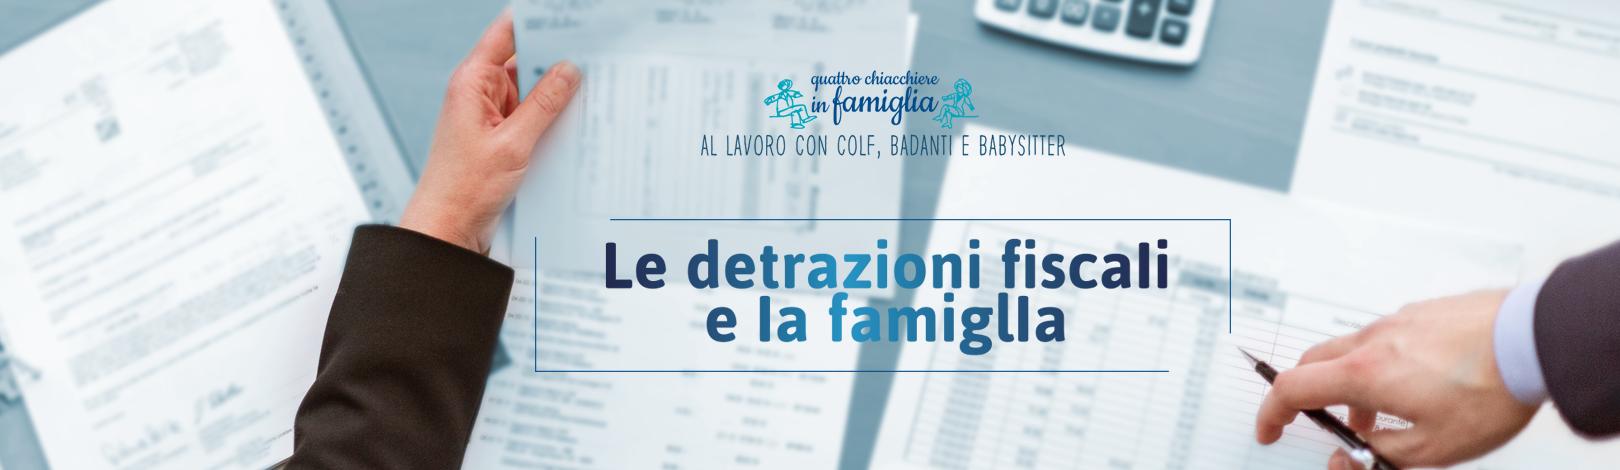 Detrazioni fiscali e famiglie